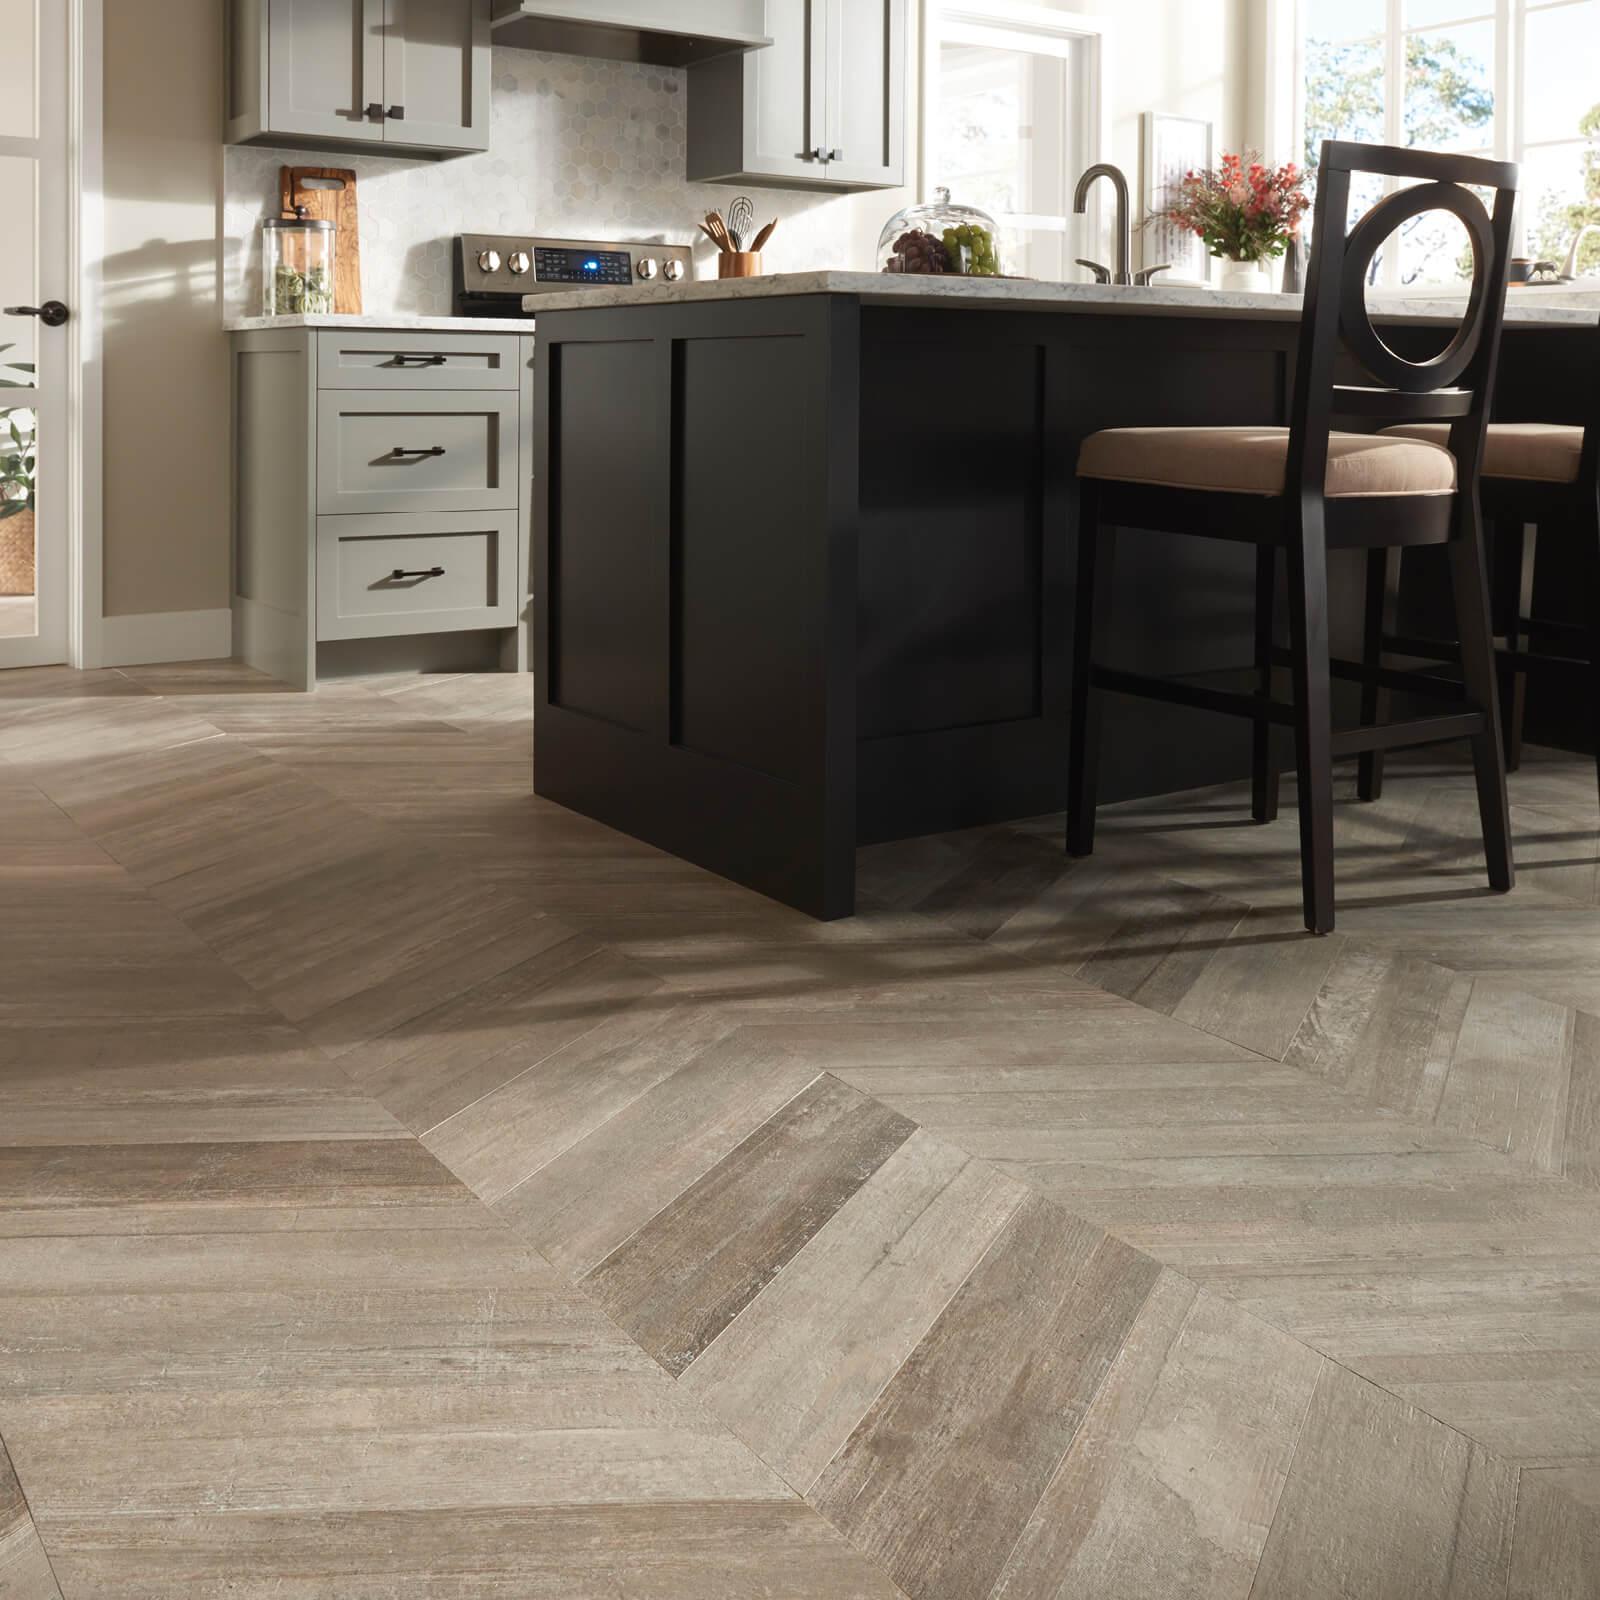 Glee chevron tile flooring | BFC Flooring Design Centre